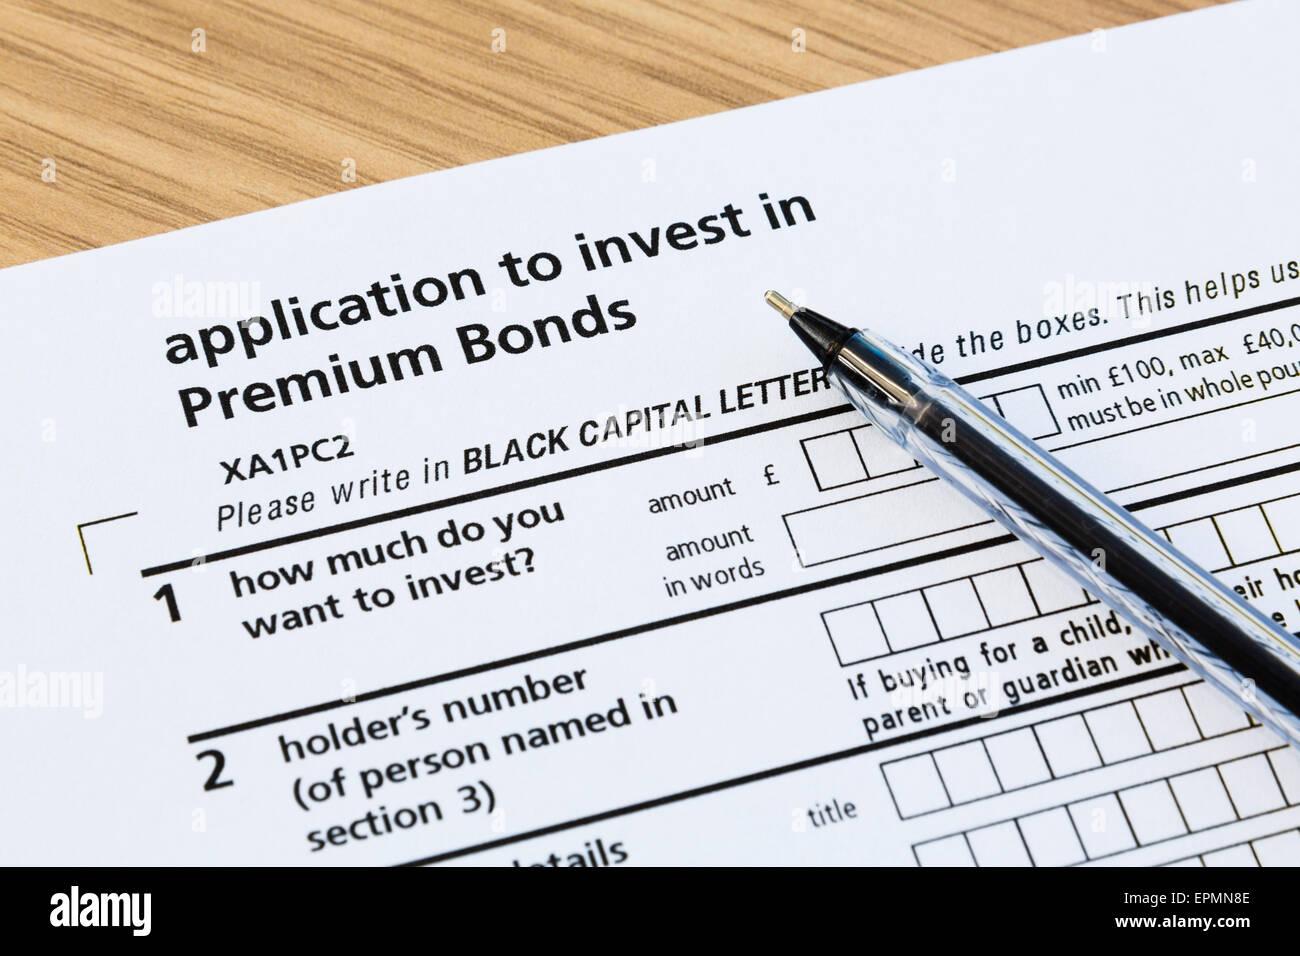 Formulario de solicitud para invertir en bonos Premium y un bolígrafo negro para completar los trámites Imagen De Stock